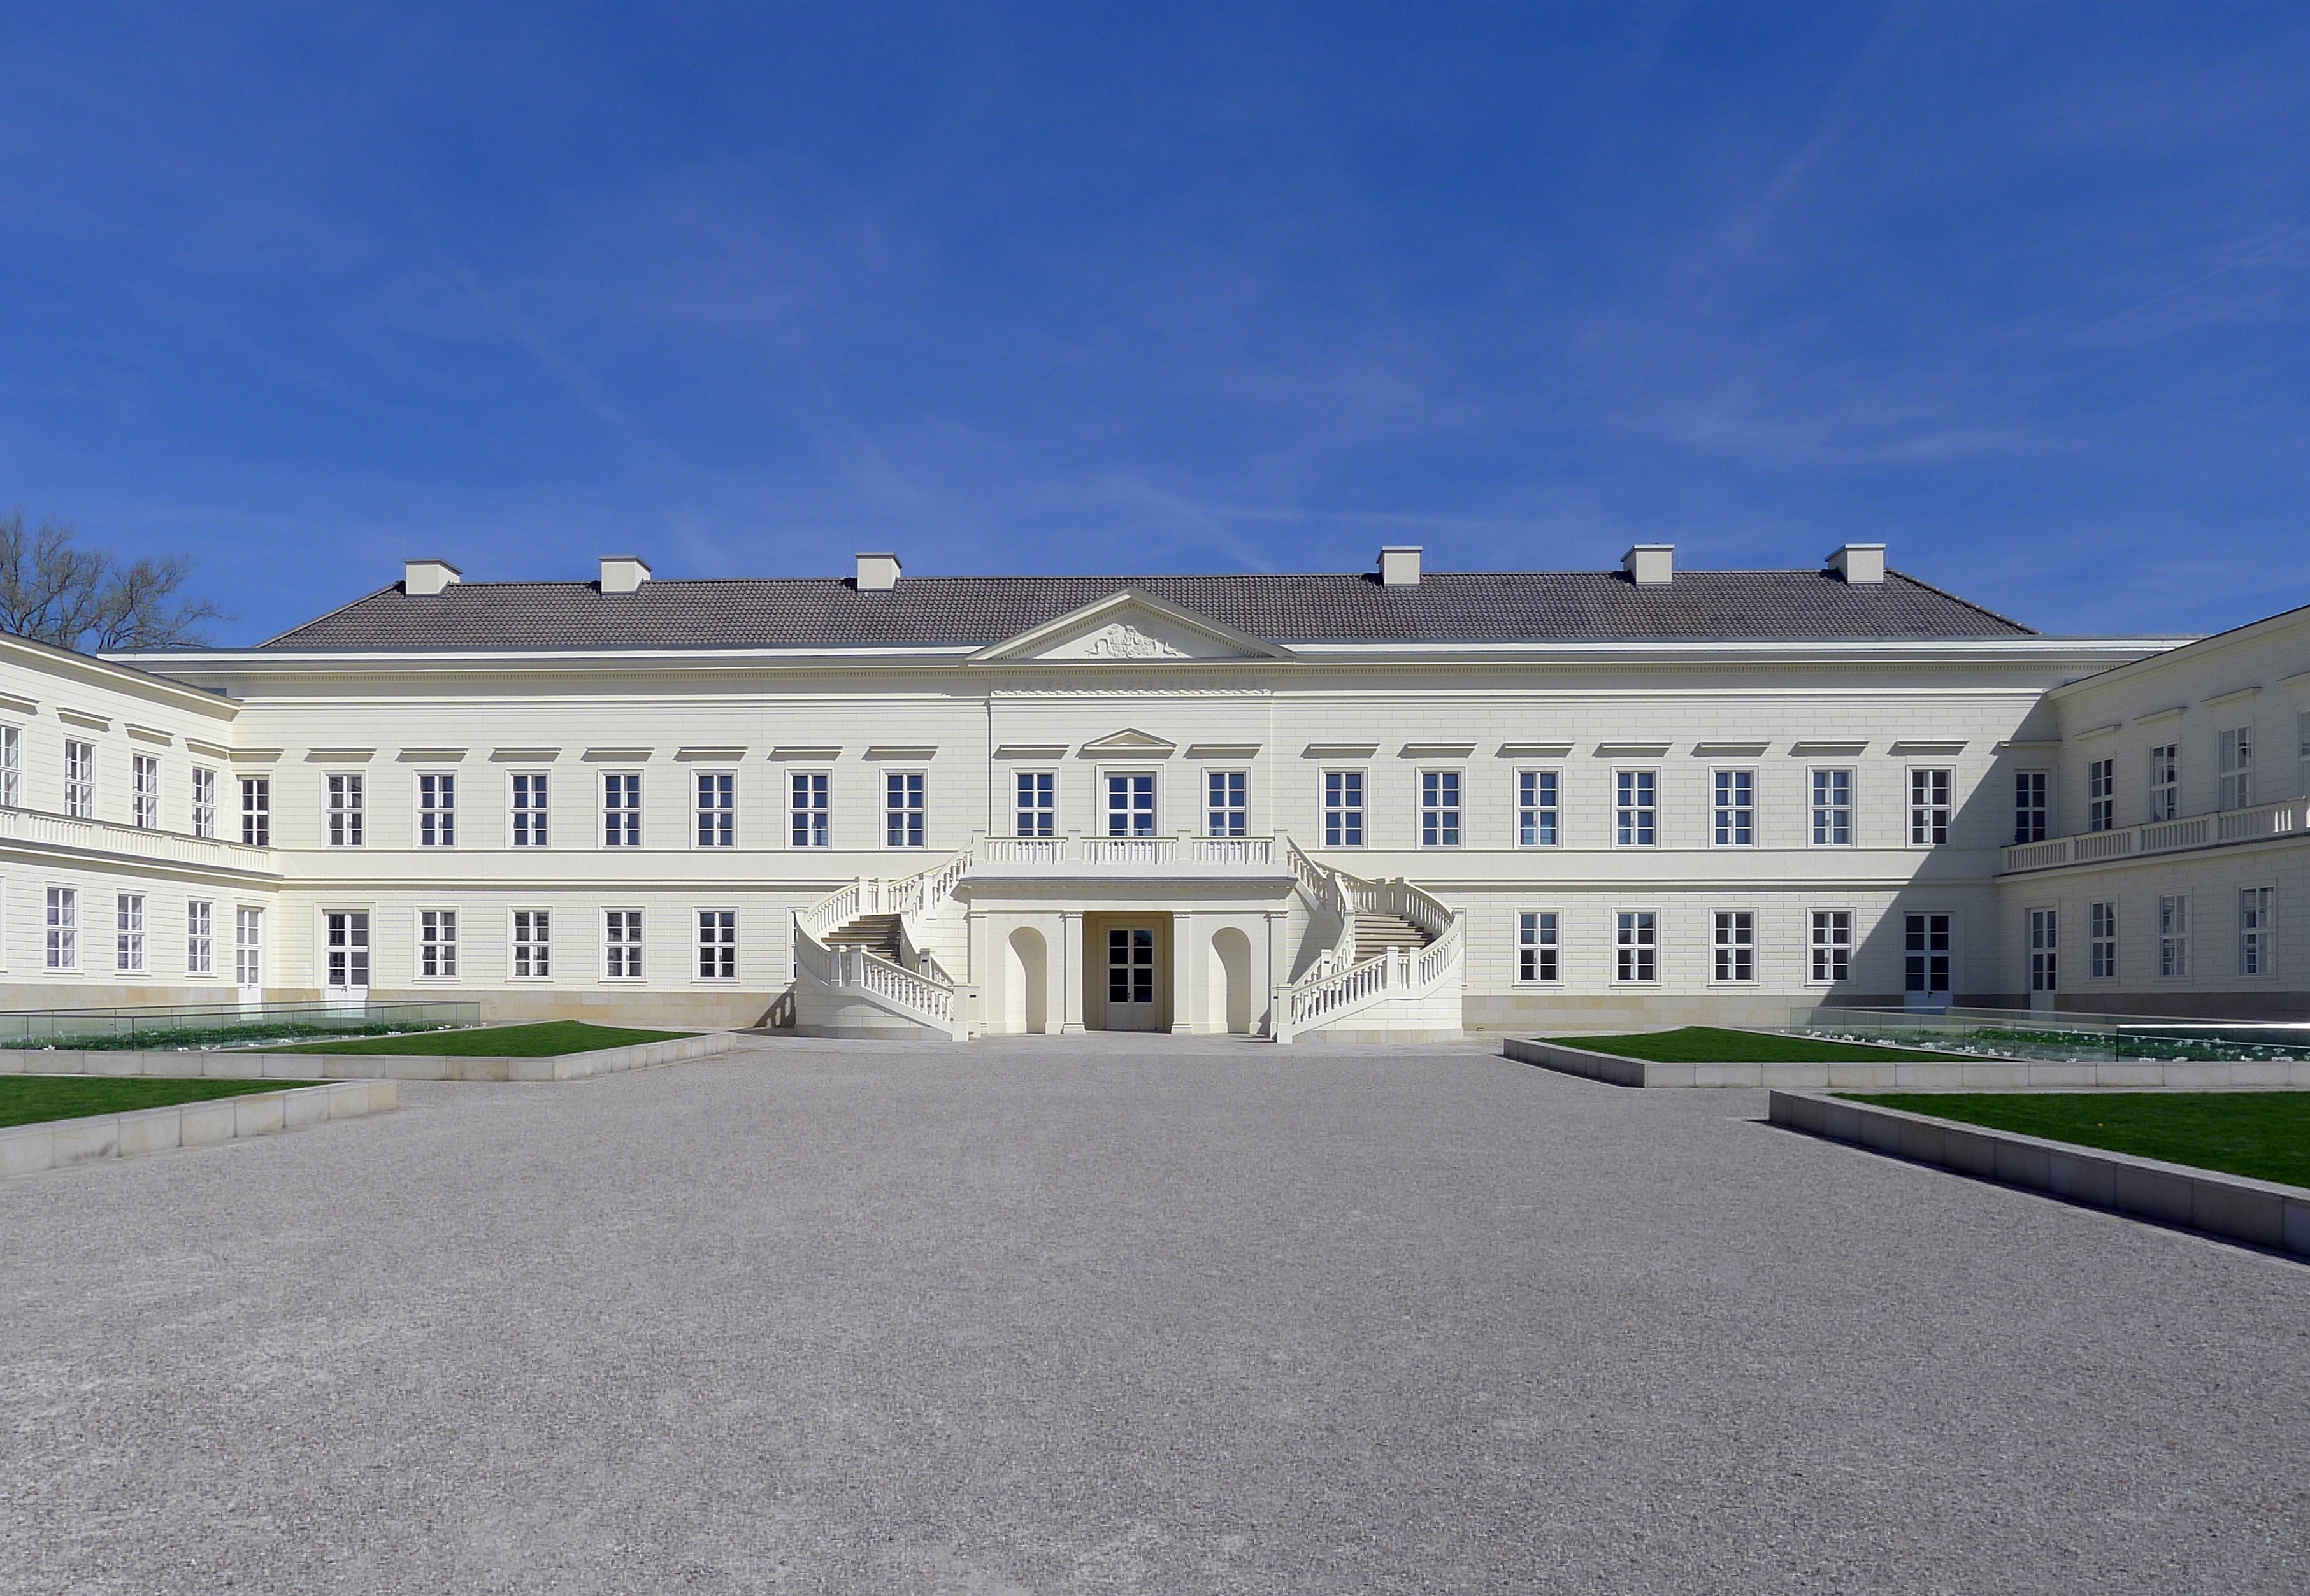 Herrenhausen-Stöcken